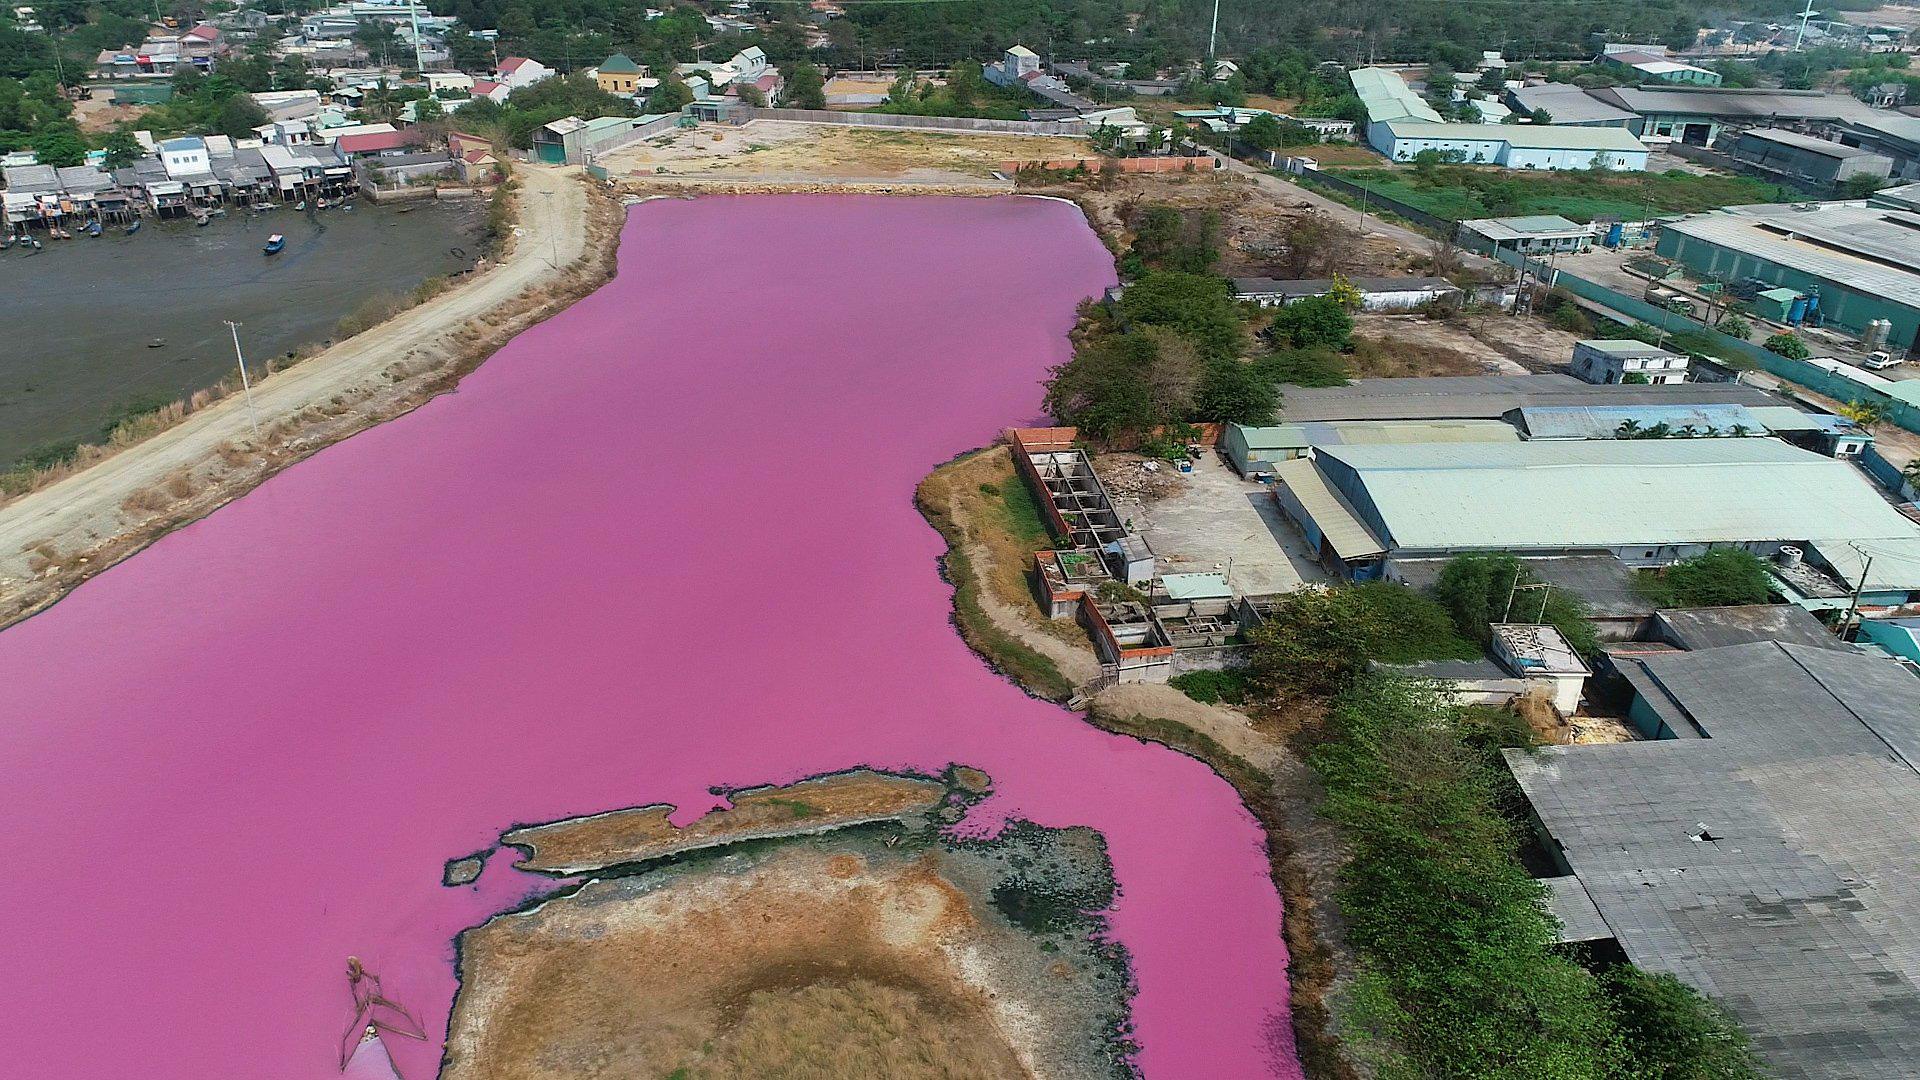 CLIP: Kinh hoàng hồ nước rộng lớn chuyển thành màu tím - Ảnh 1.